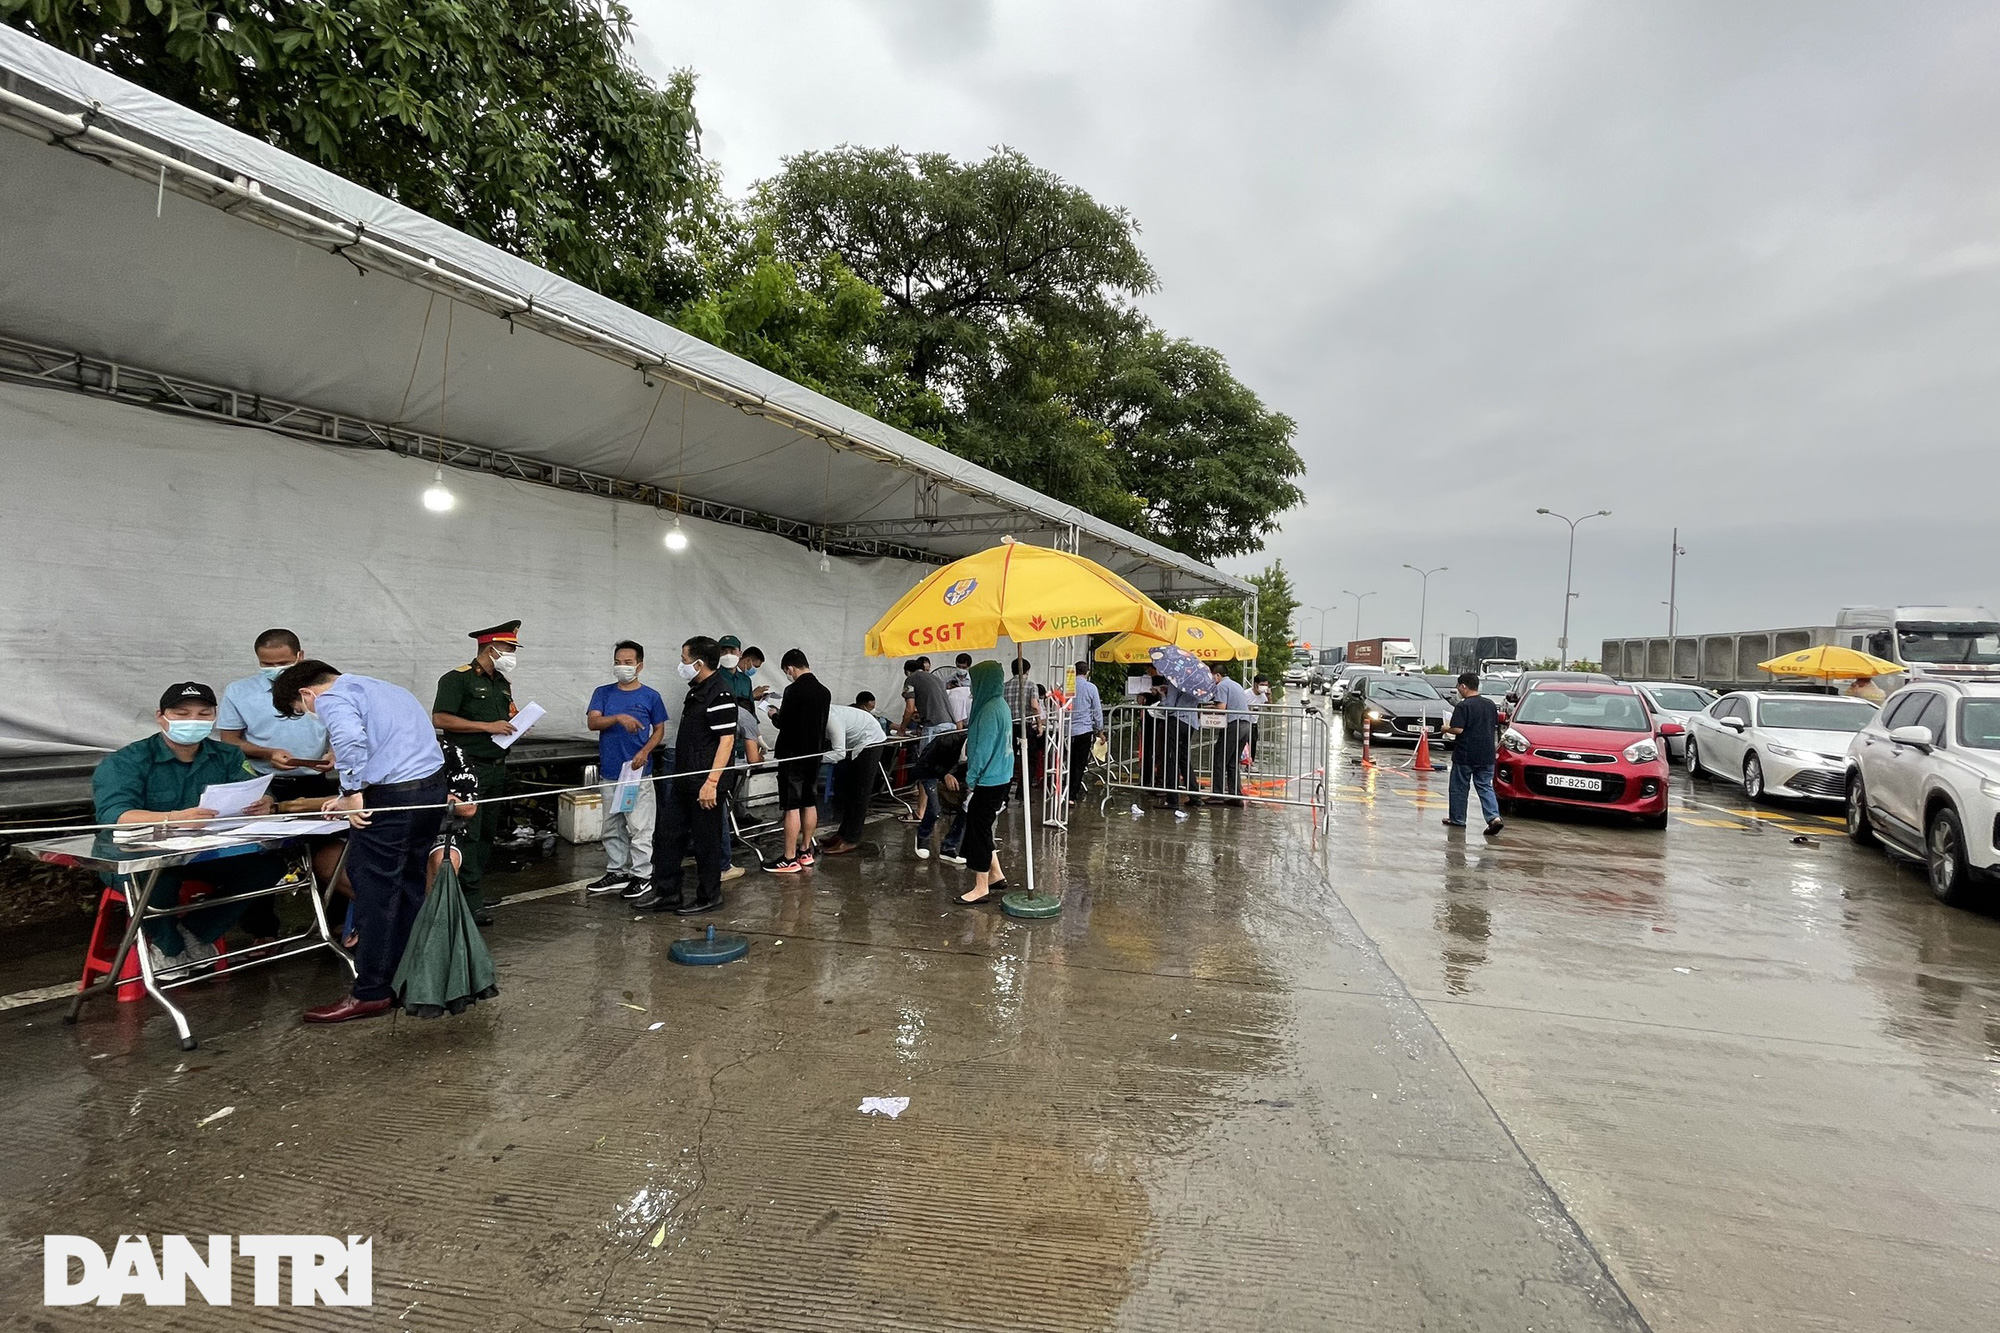 Hà Nội: Đội mưa làm thủ tục qua chốt cửa ngõ, nhiều người phải quay đầu - Ảnh 13.